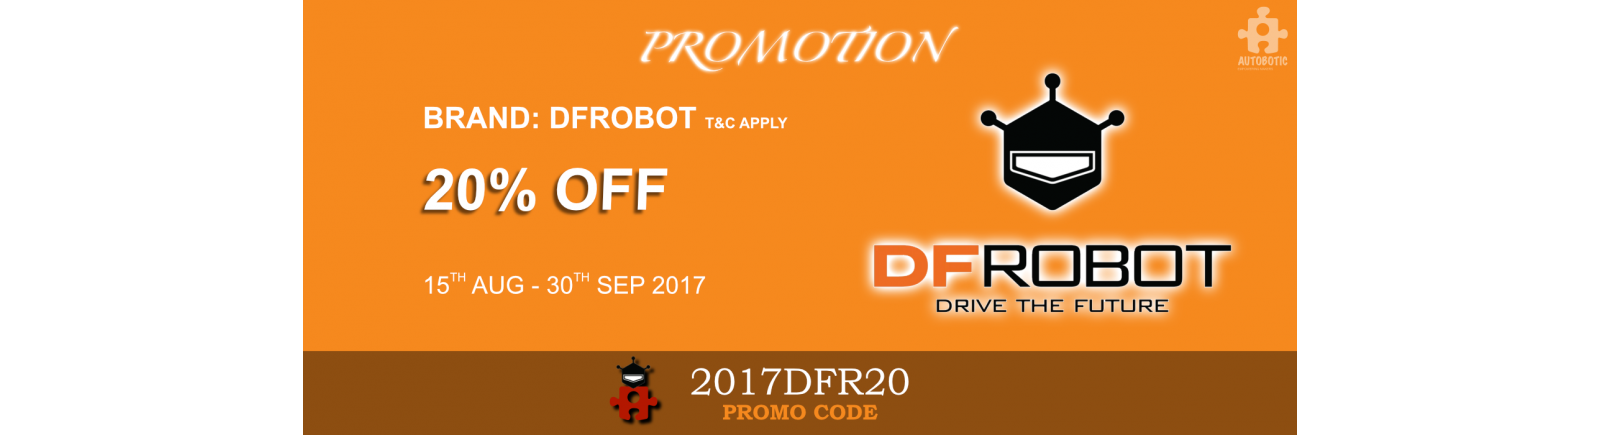 Brand: DFROBOT